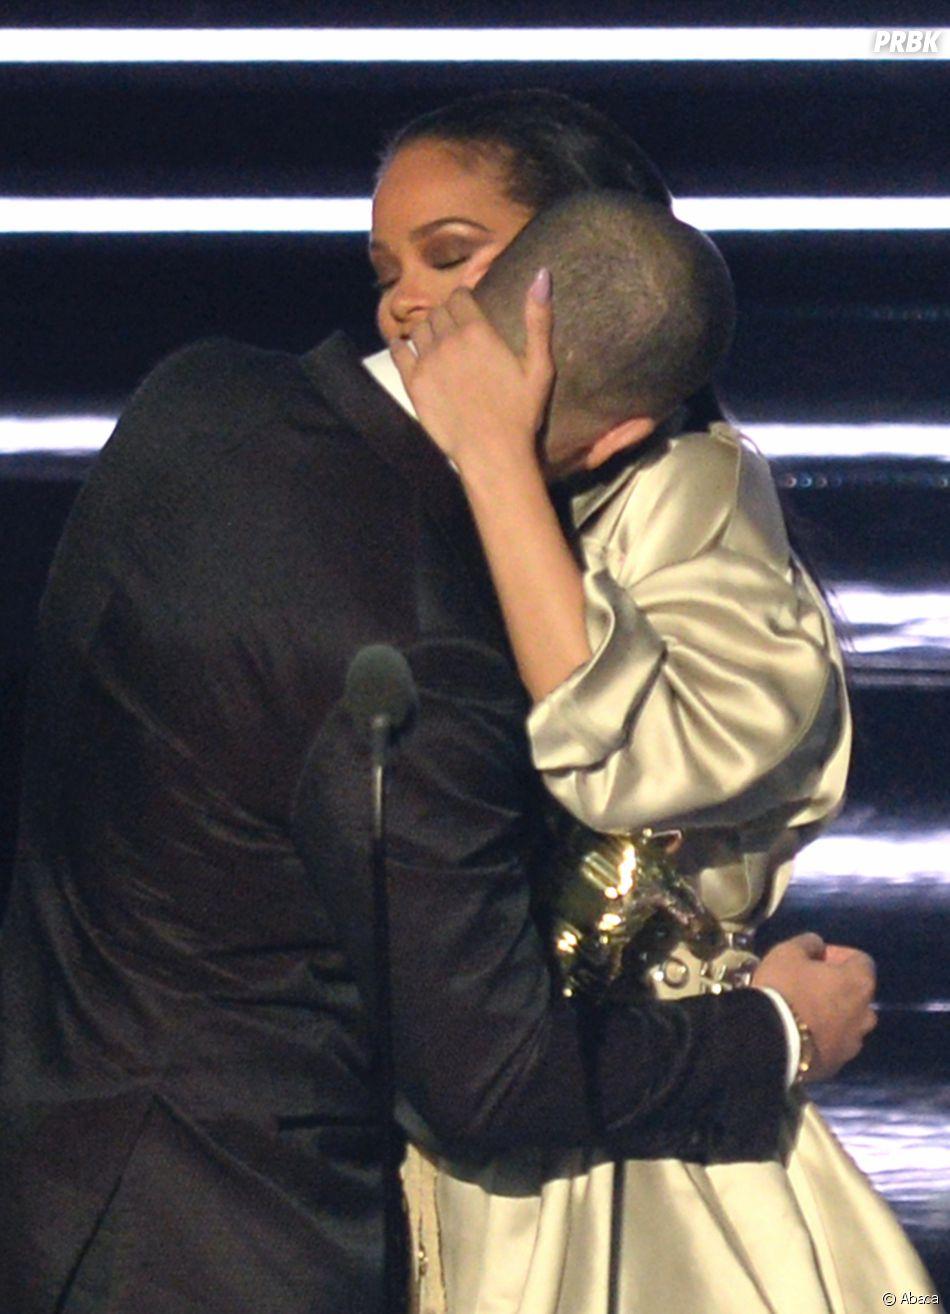 Rihanna et Drake sortiraient ensemble d'après le rumeurs, alors pourquoi s'afficher avec Taylor Swift ?